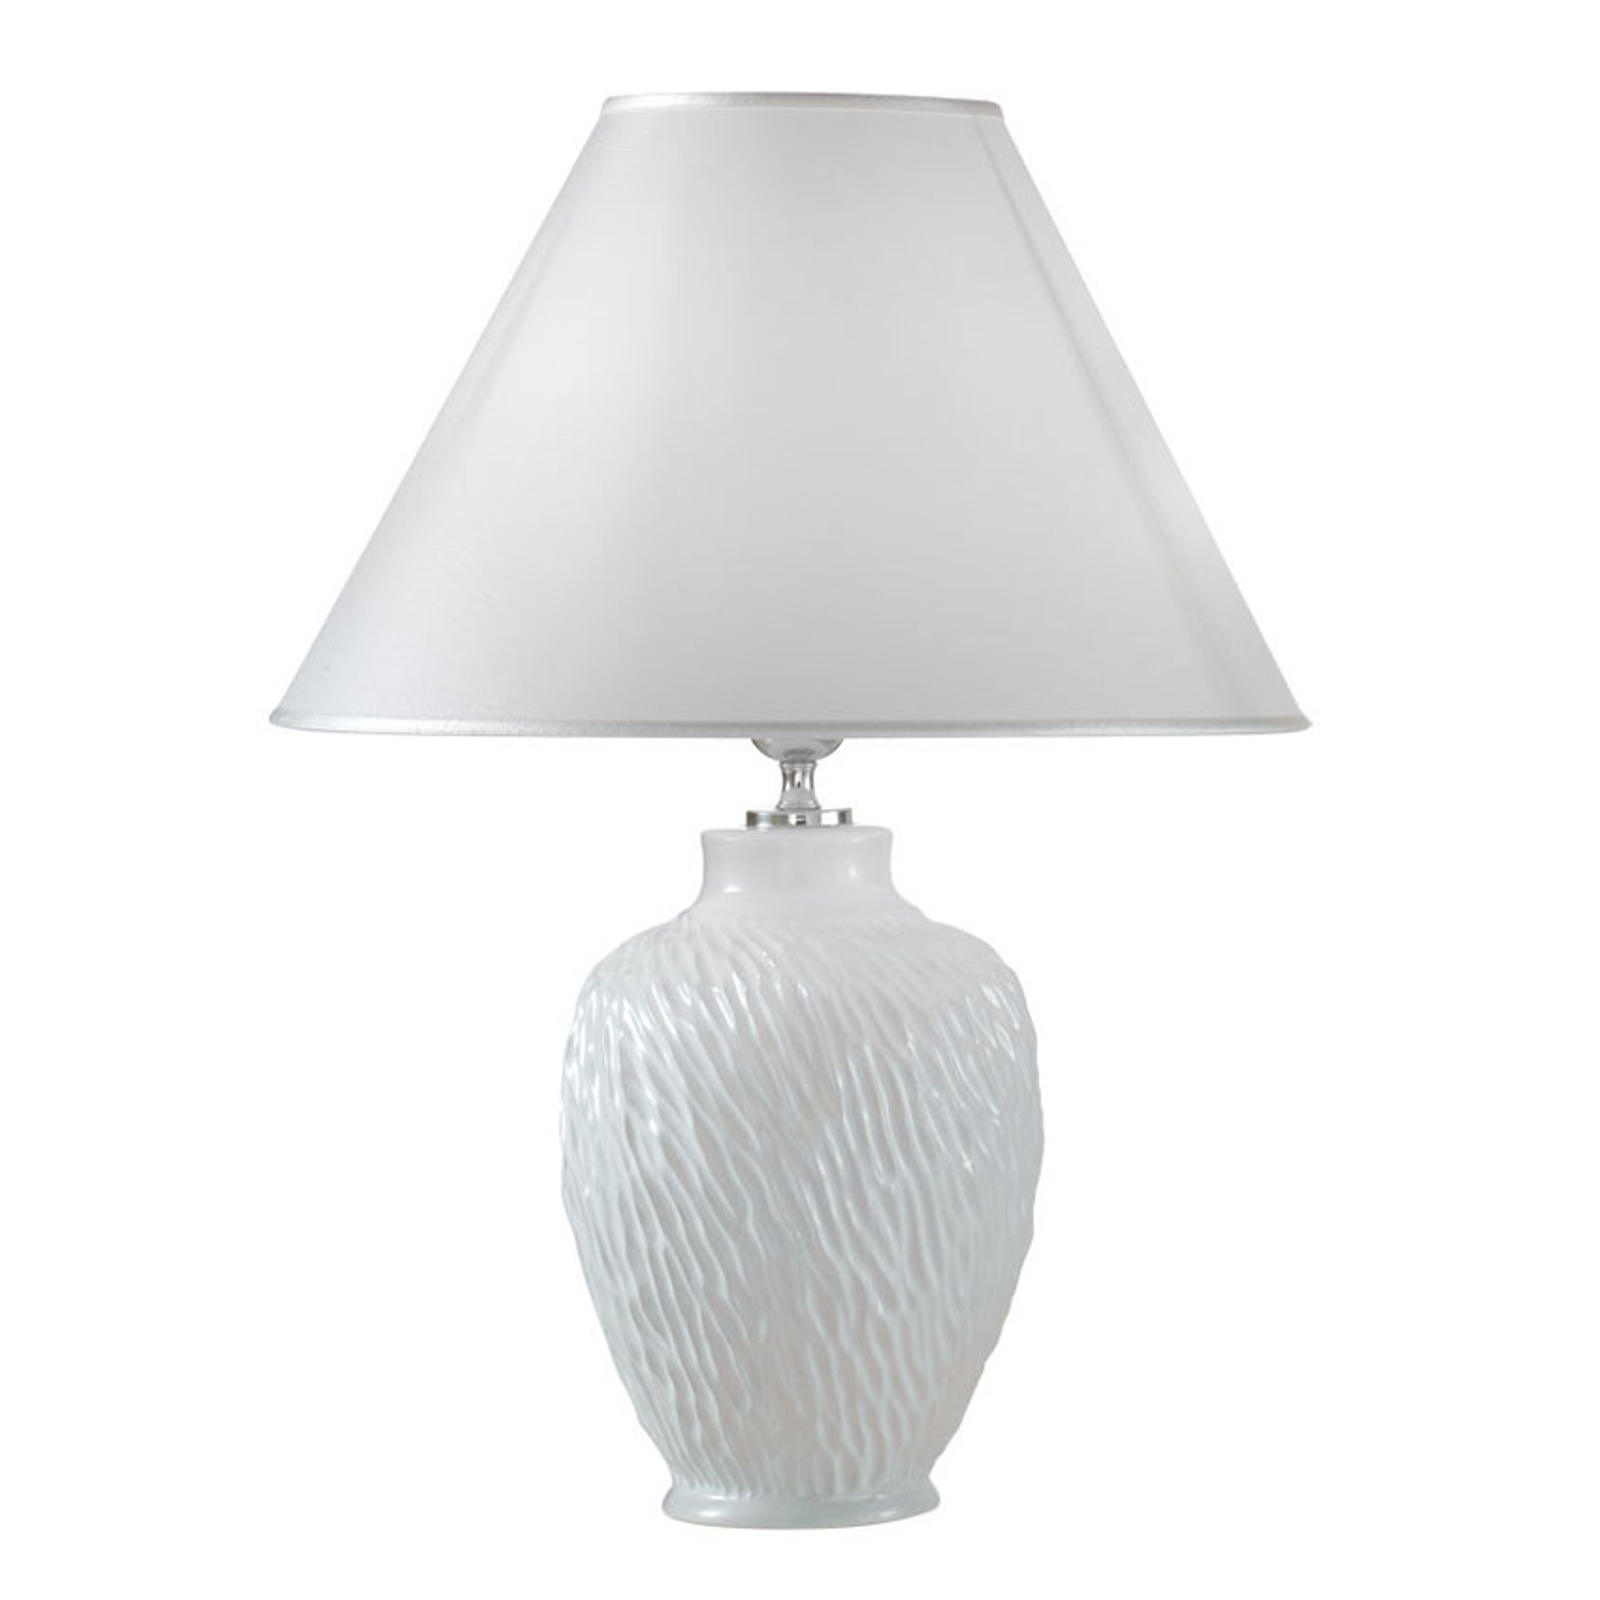 Lampe à poser Chiara en céramique, blanc, Ø 30cm